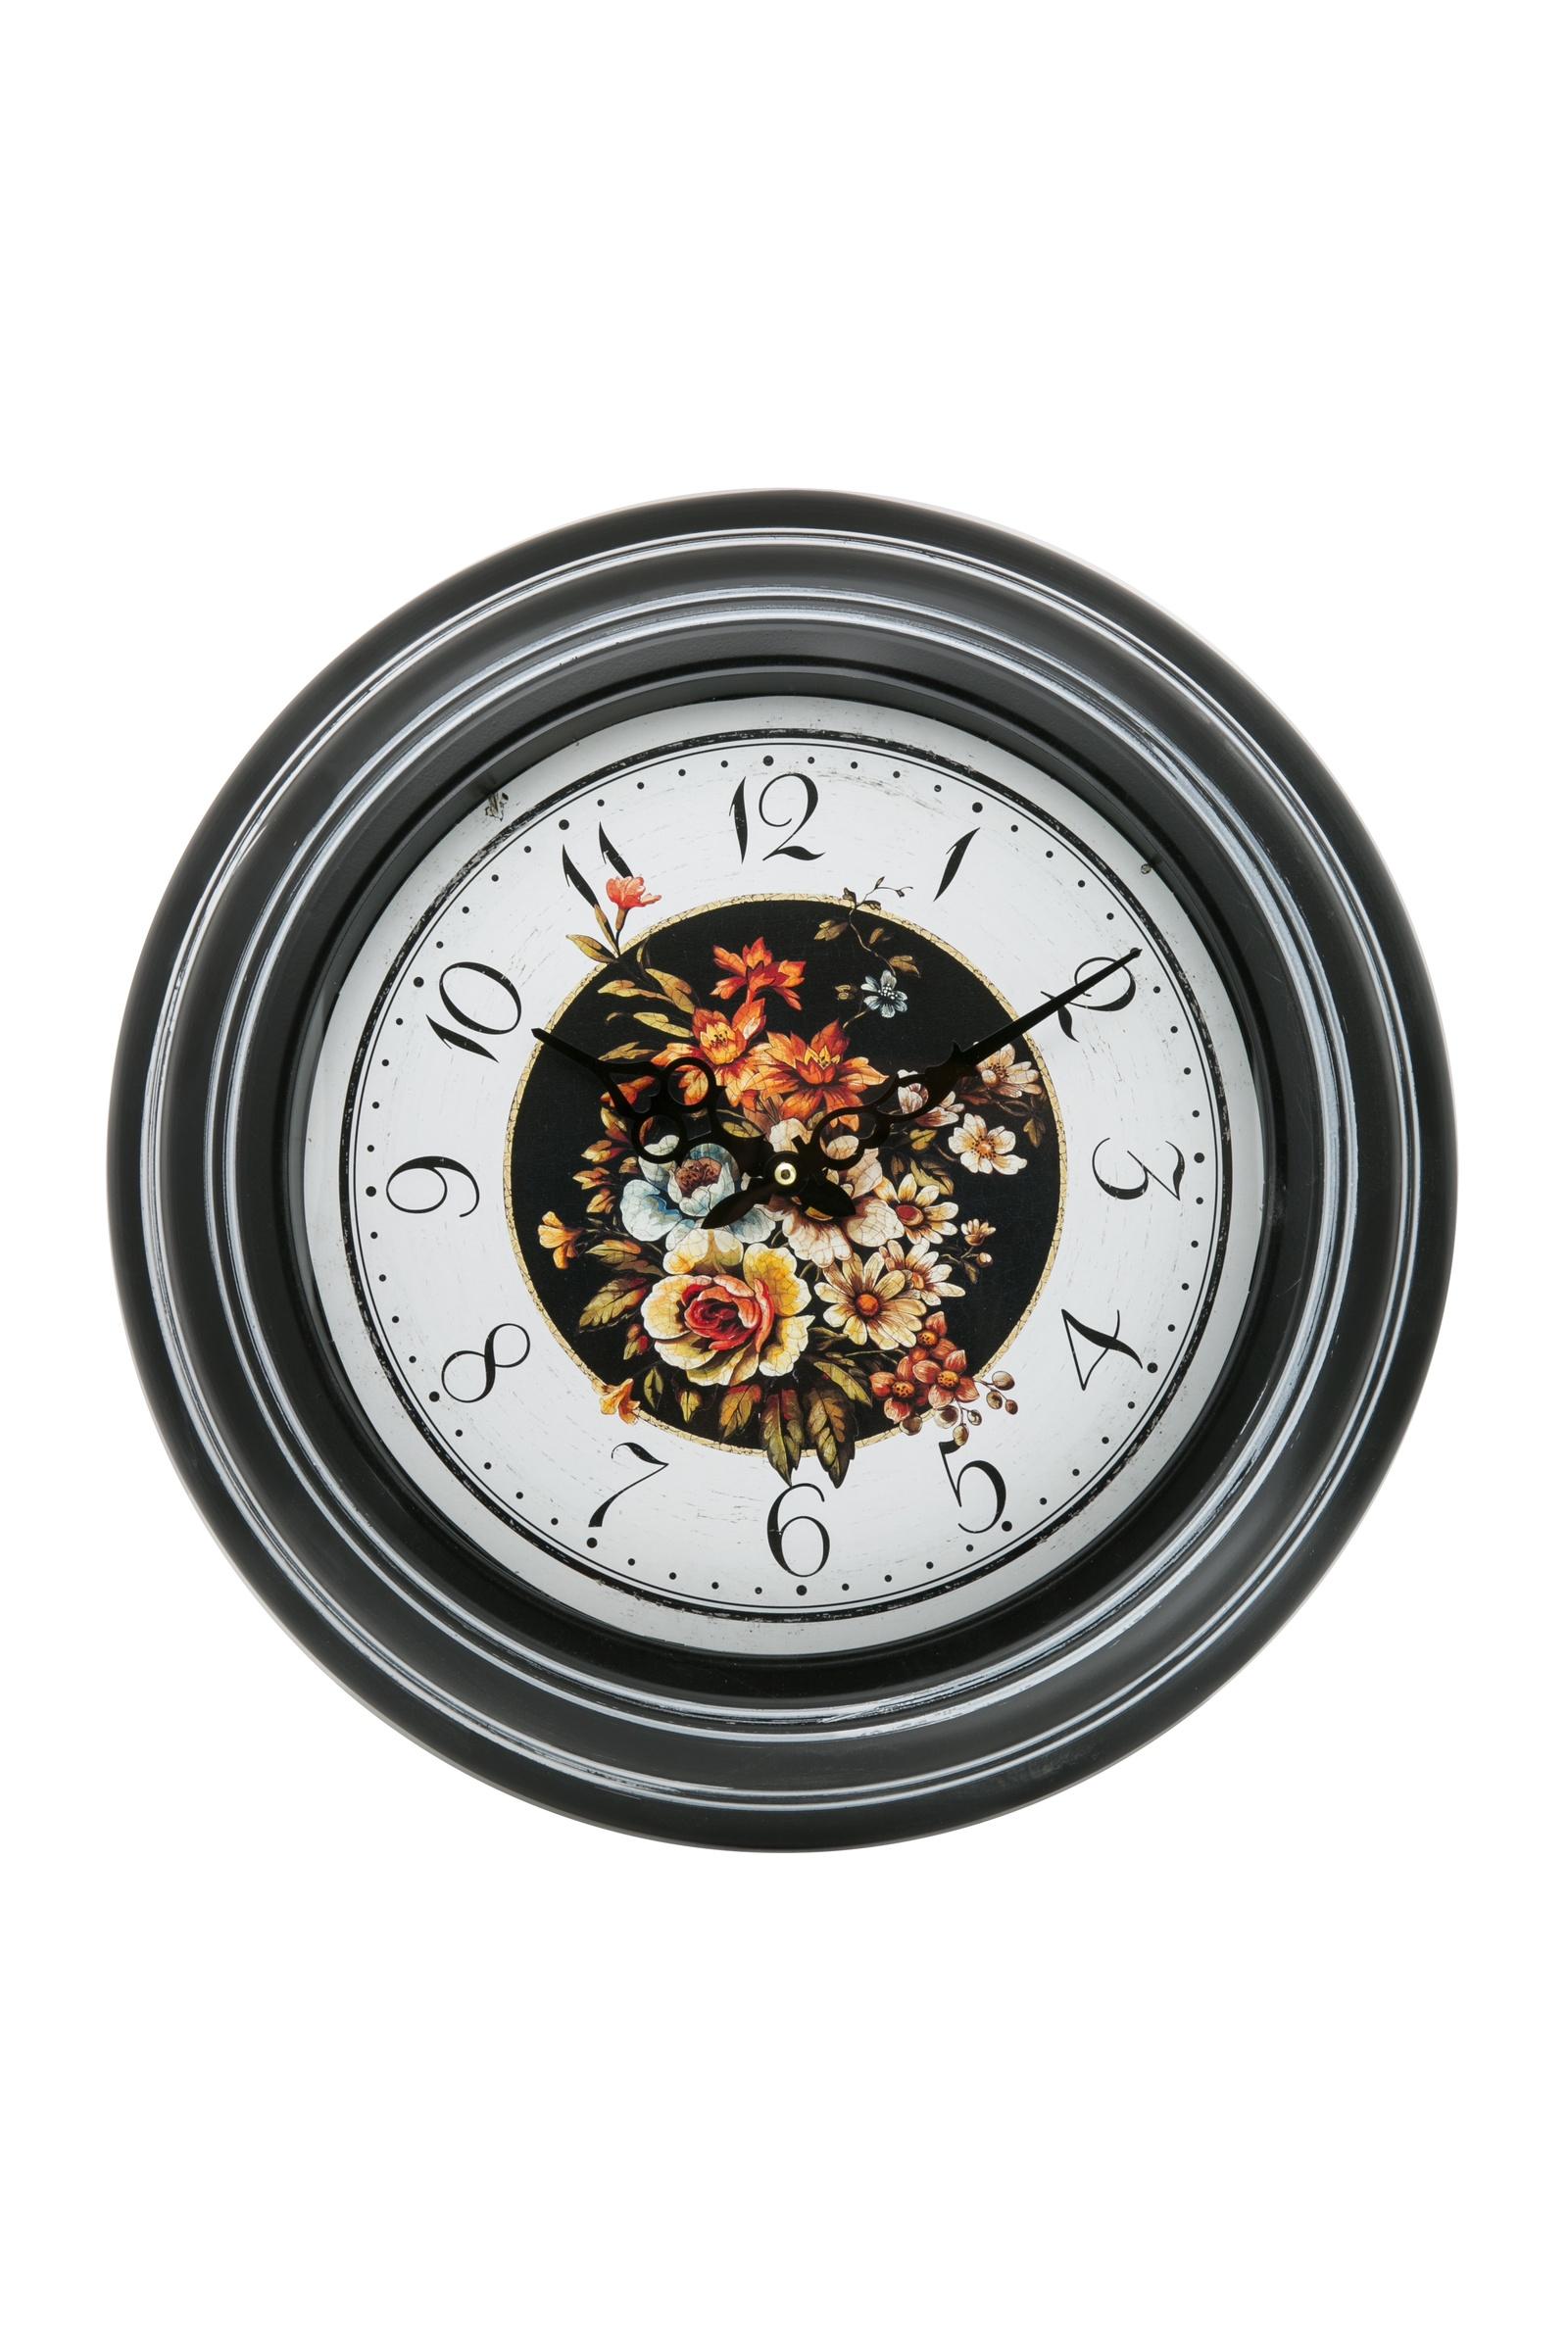 Настенные часы Mitya Veselkov NAST, NAST273 все цены